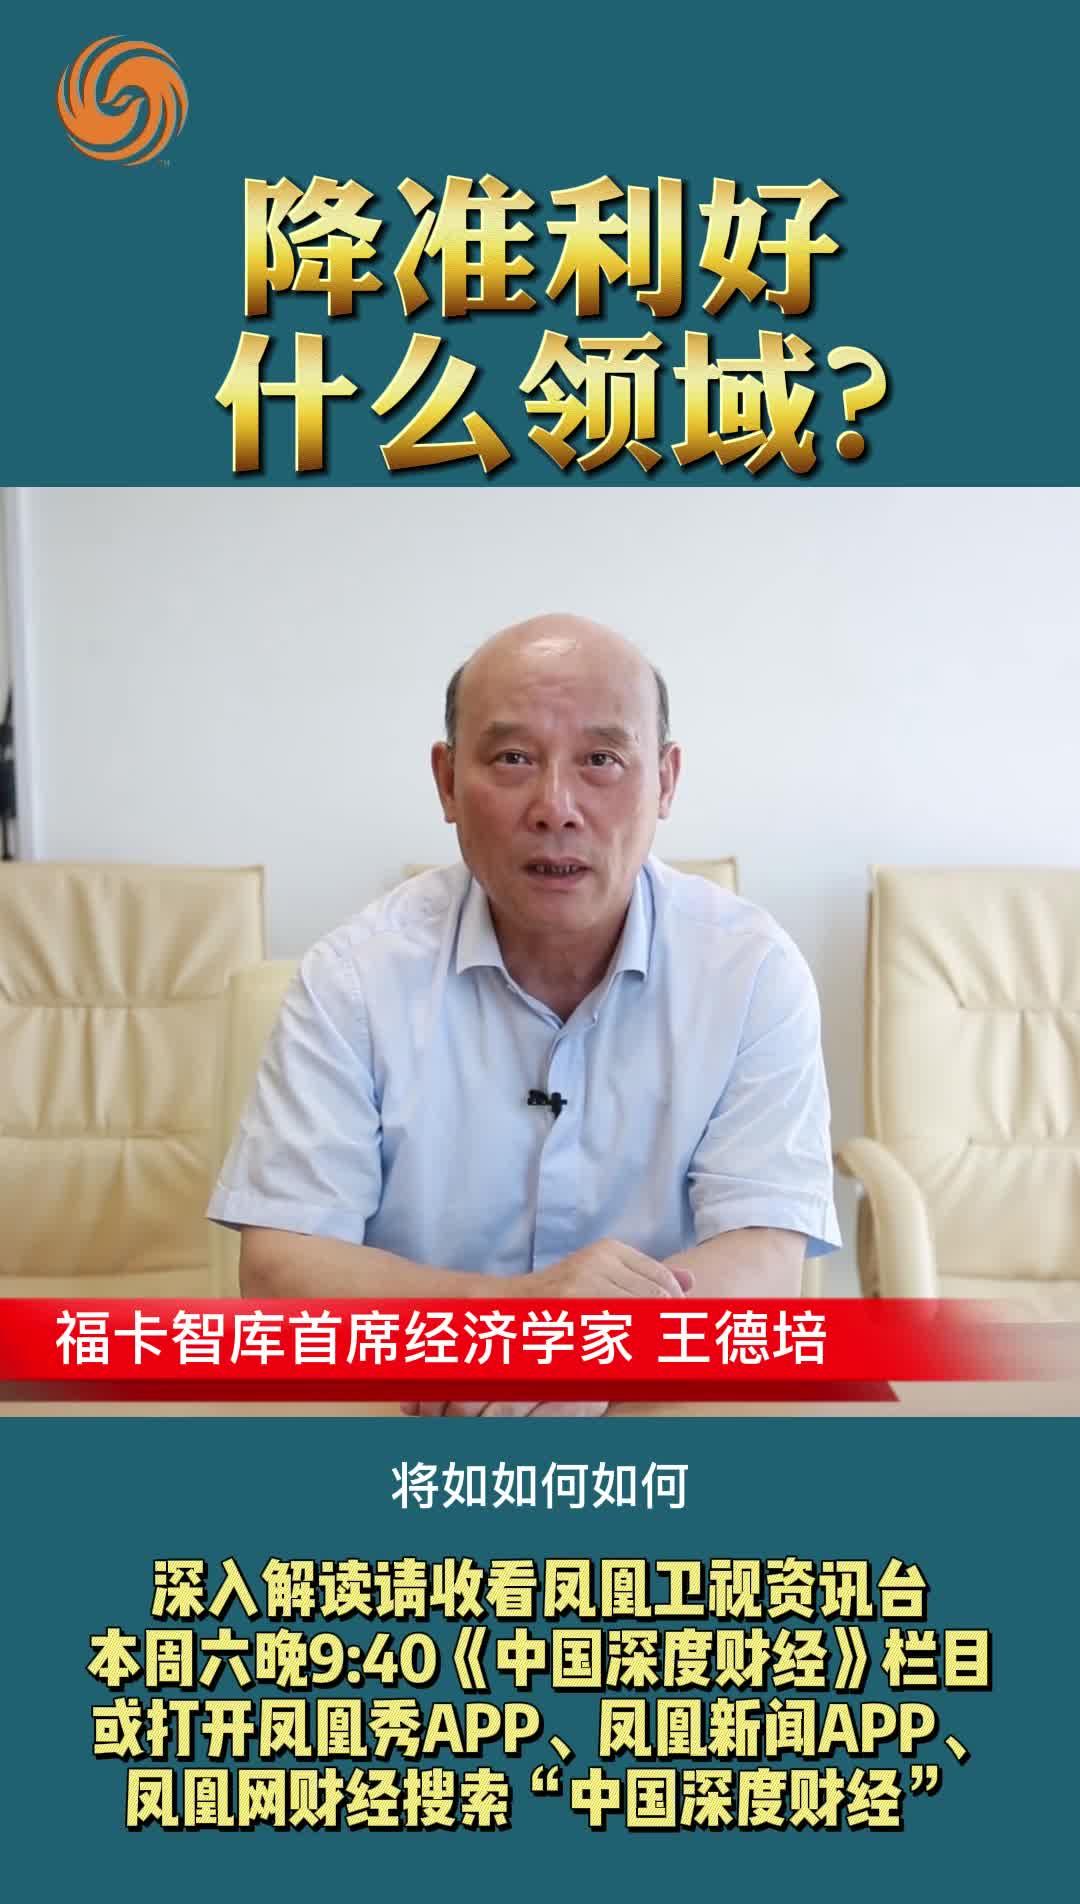 王德培:降准利好什么领域?